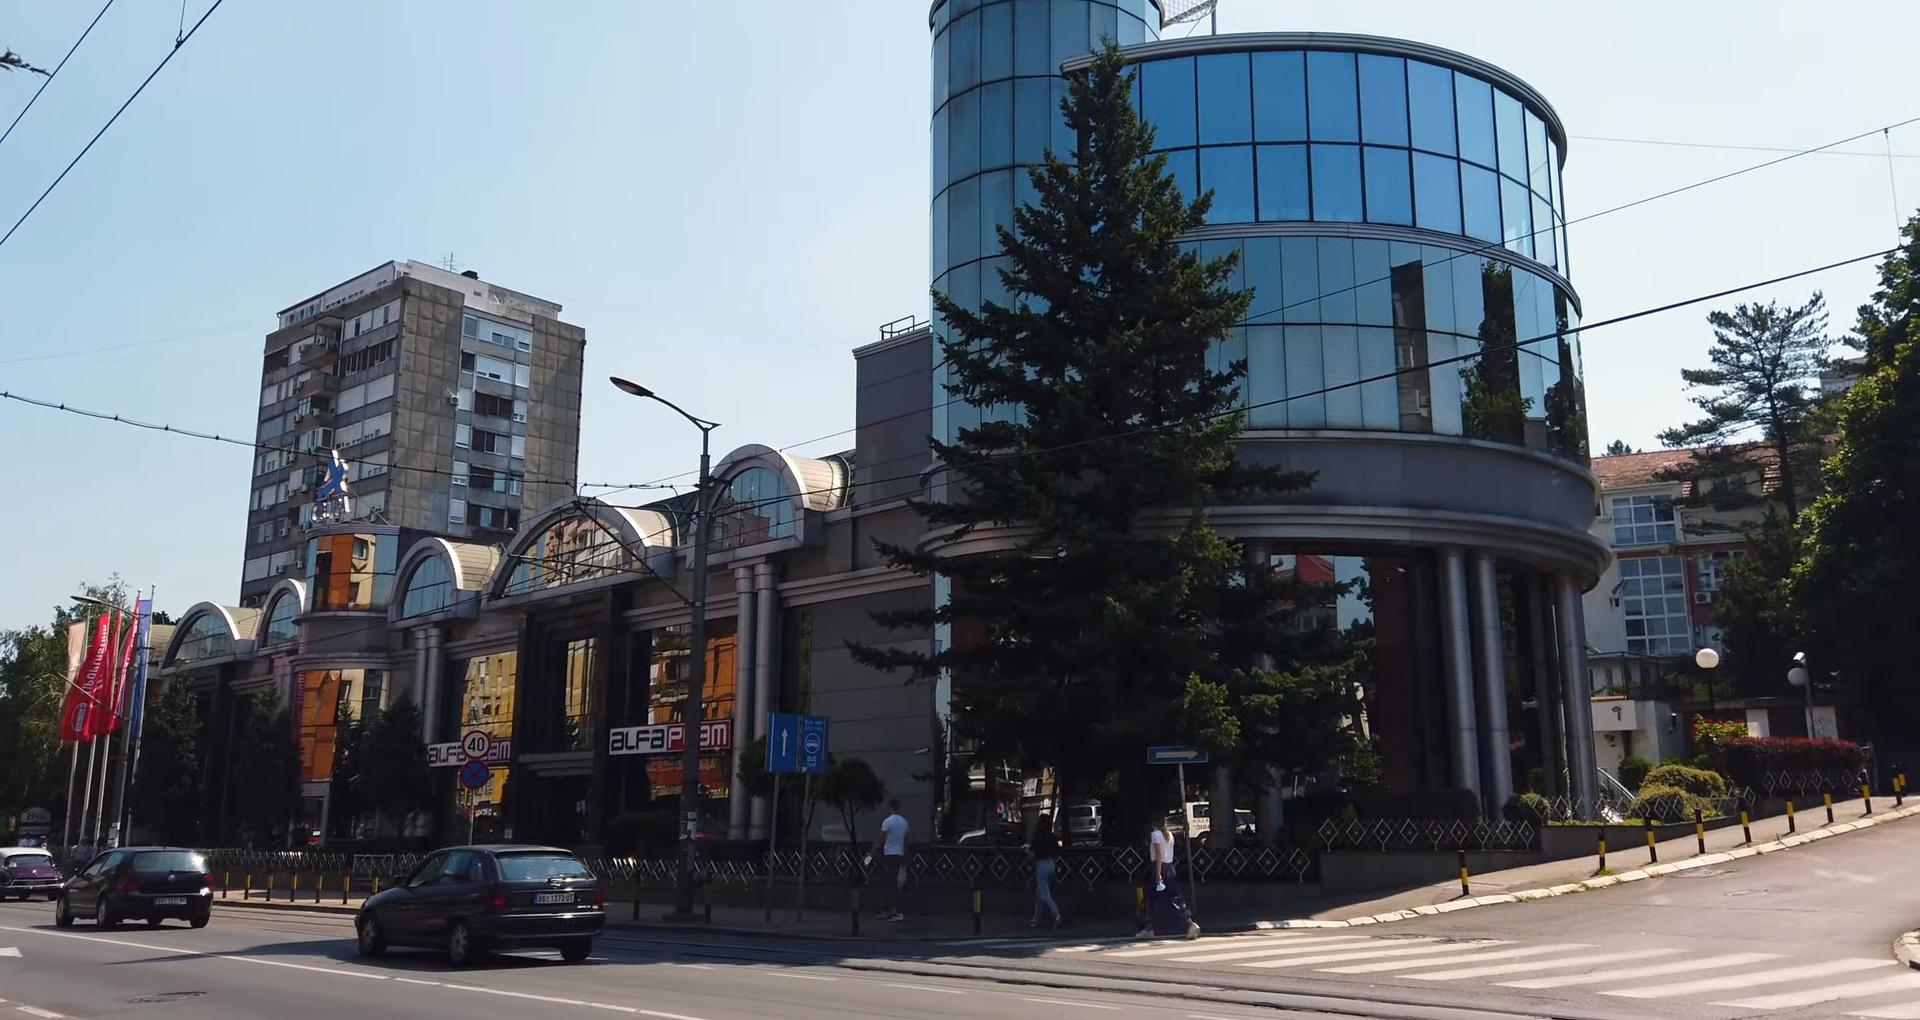 Народна странка Чукарица: Инфраструктура општинe није у могућности да подржи све накарадне пројекте ове посрнуле власти